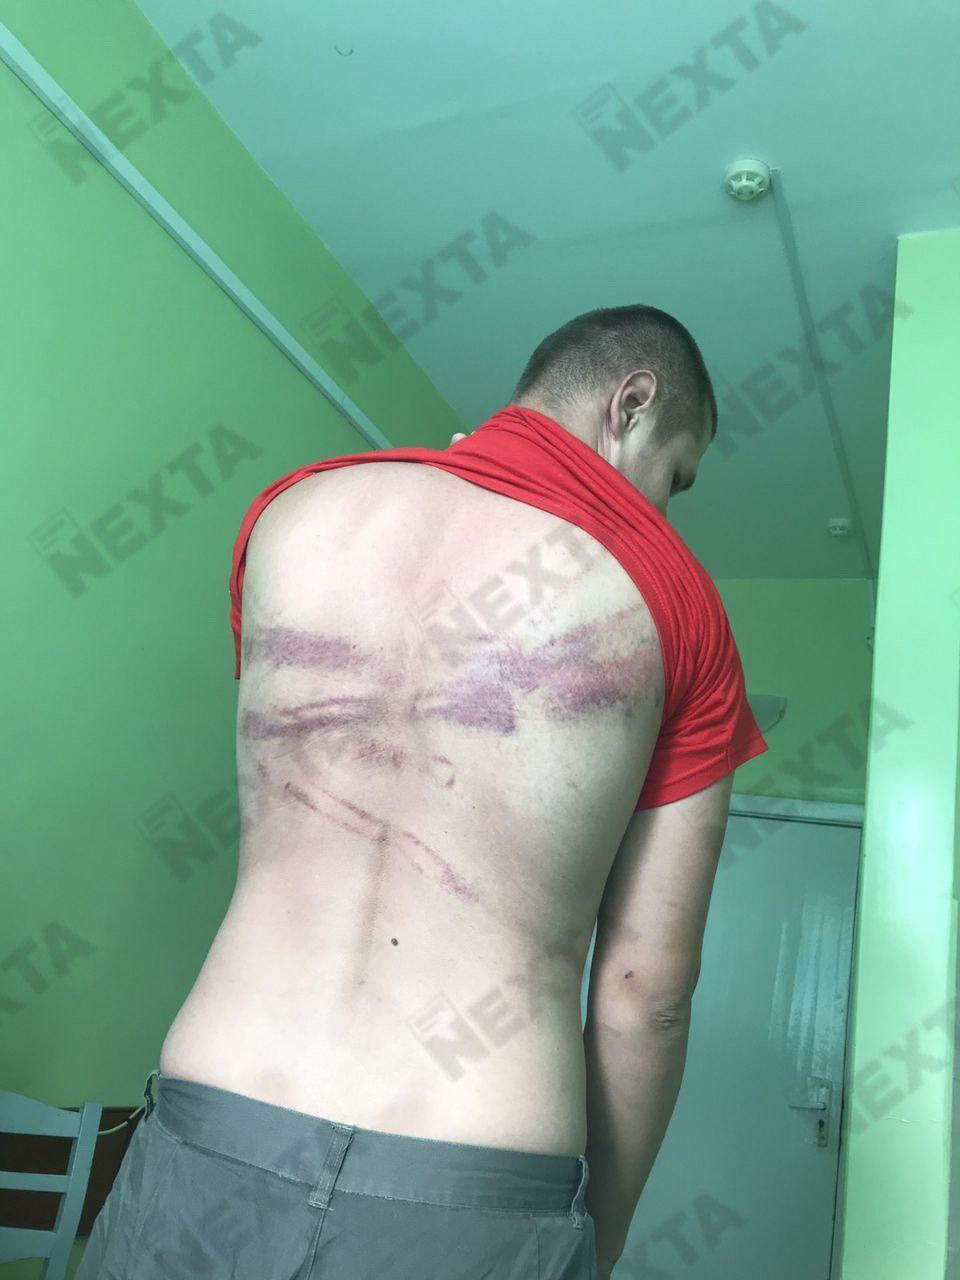 В сети показали фото пострадавших в Беларуси